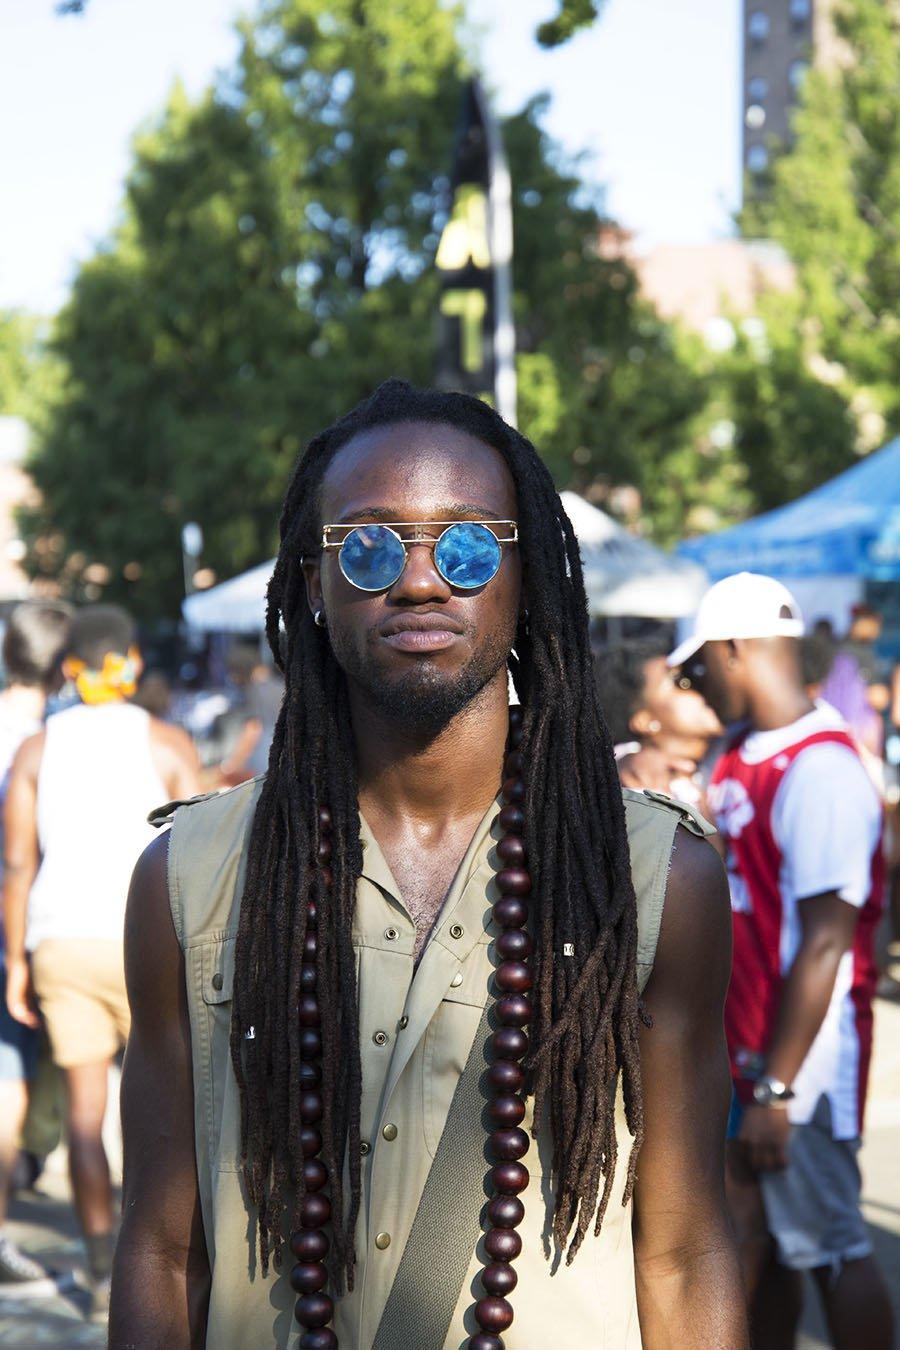 griot-mag-afropunk-festival-inno-alla-diversita-divesity-e-allo-stile-new-york-brooklyn-33-©johanne affricot